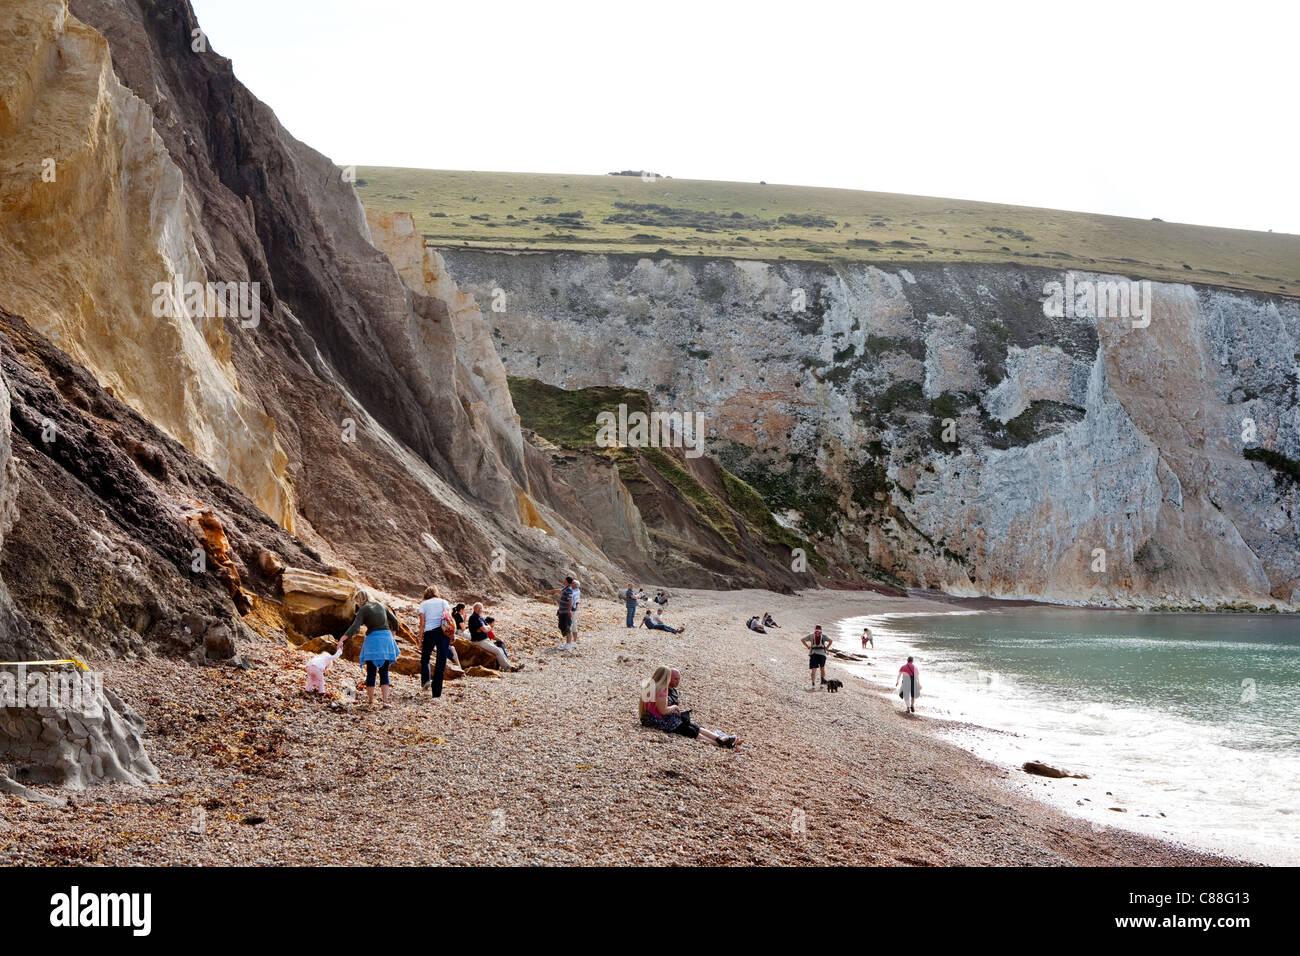 Alum Bay, Isle Of Wight. Von geologischem Interesse und eine touristische Attraktion ist die Bucht bekannt für seine Stockfoto